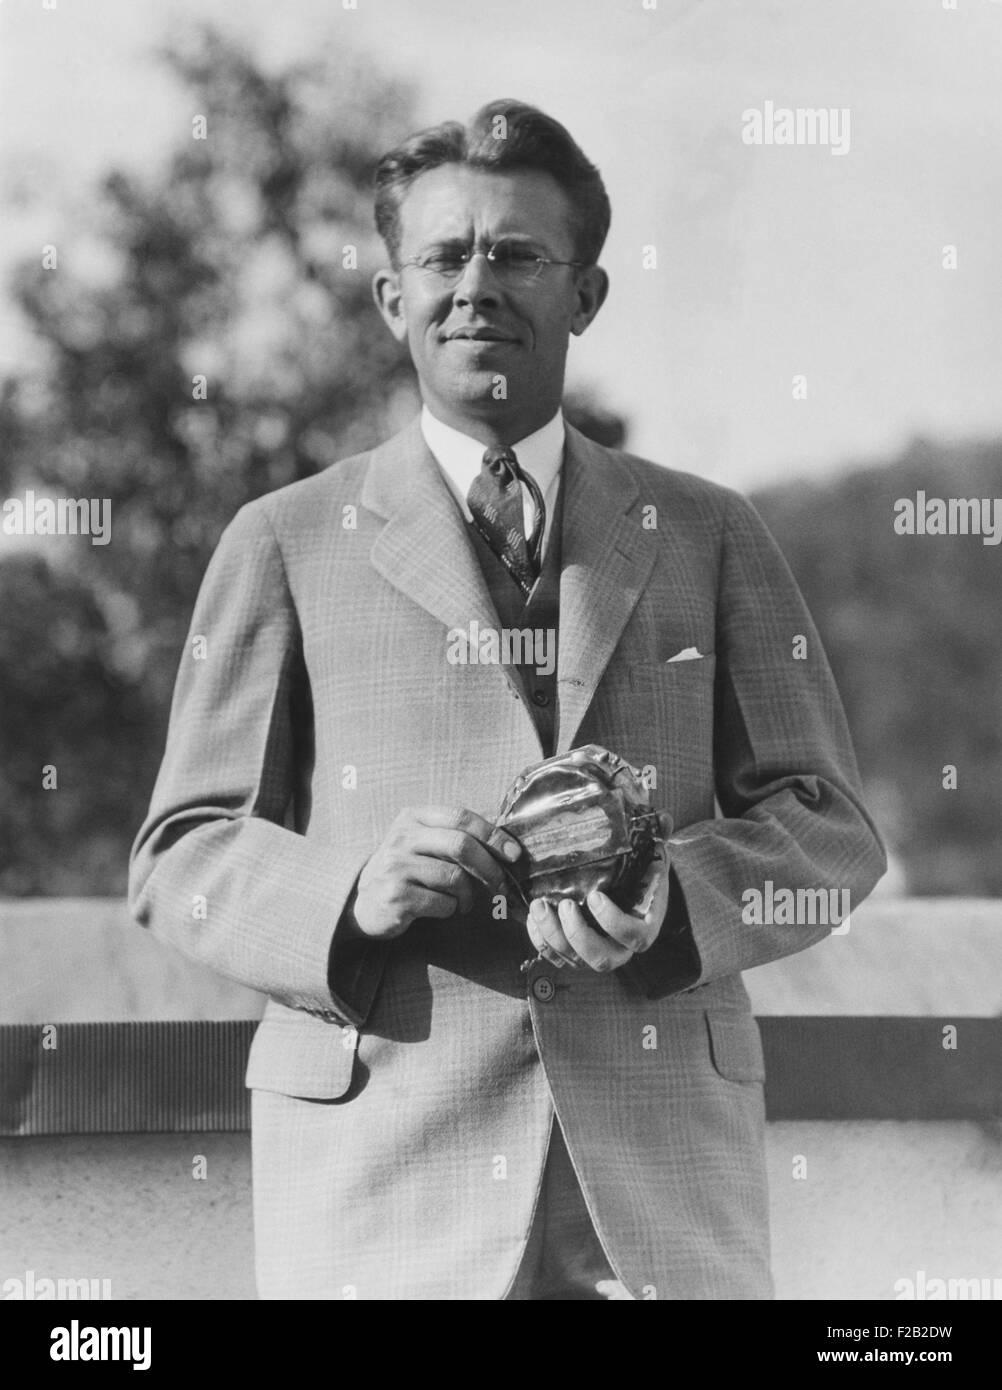 Ernest Orlando Lawrence, American fisico nucleare nel 1935. Egli ha ricevuto un brevetto per il ciclotrone in 1934. Nel 1939 ha vinto il premio Foto Stock